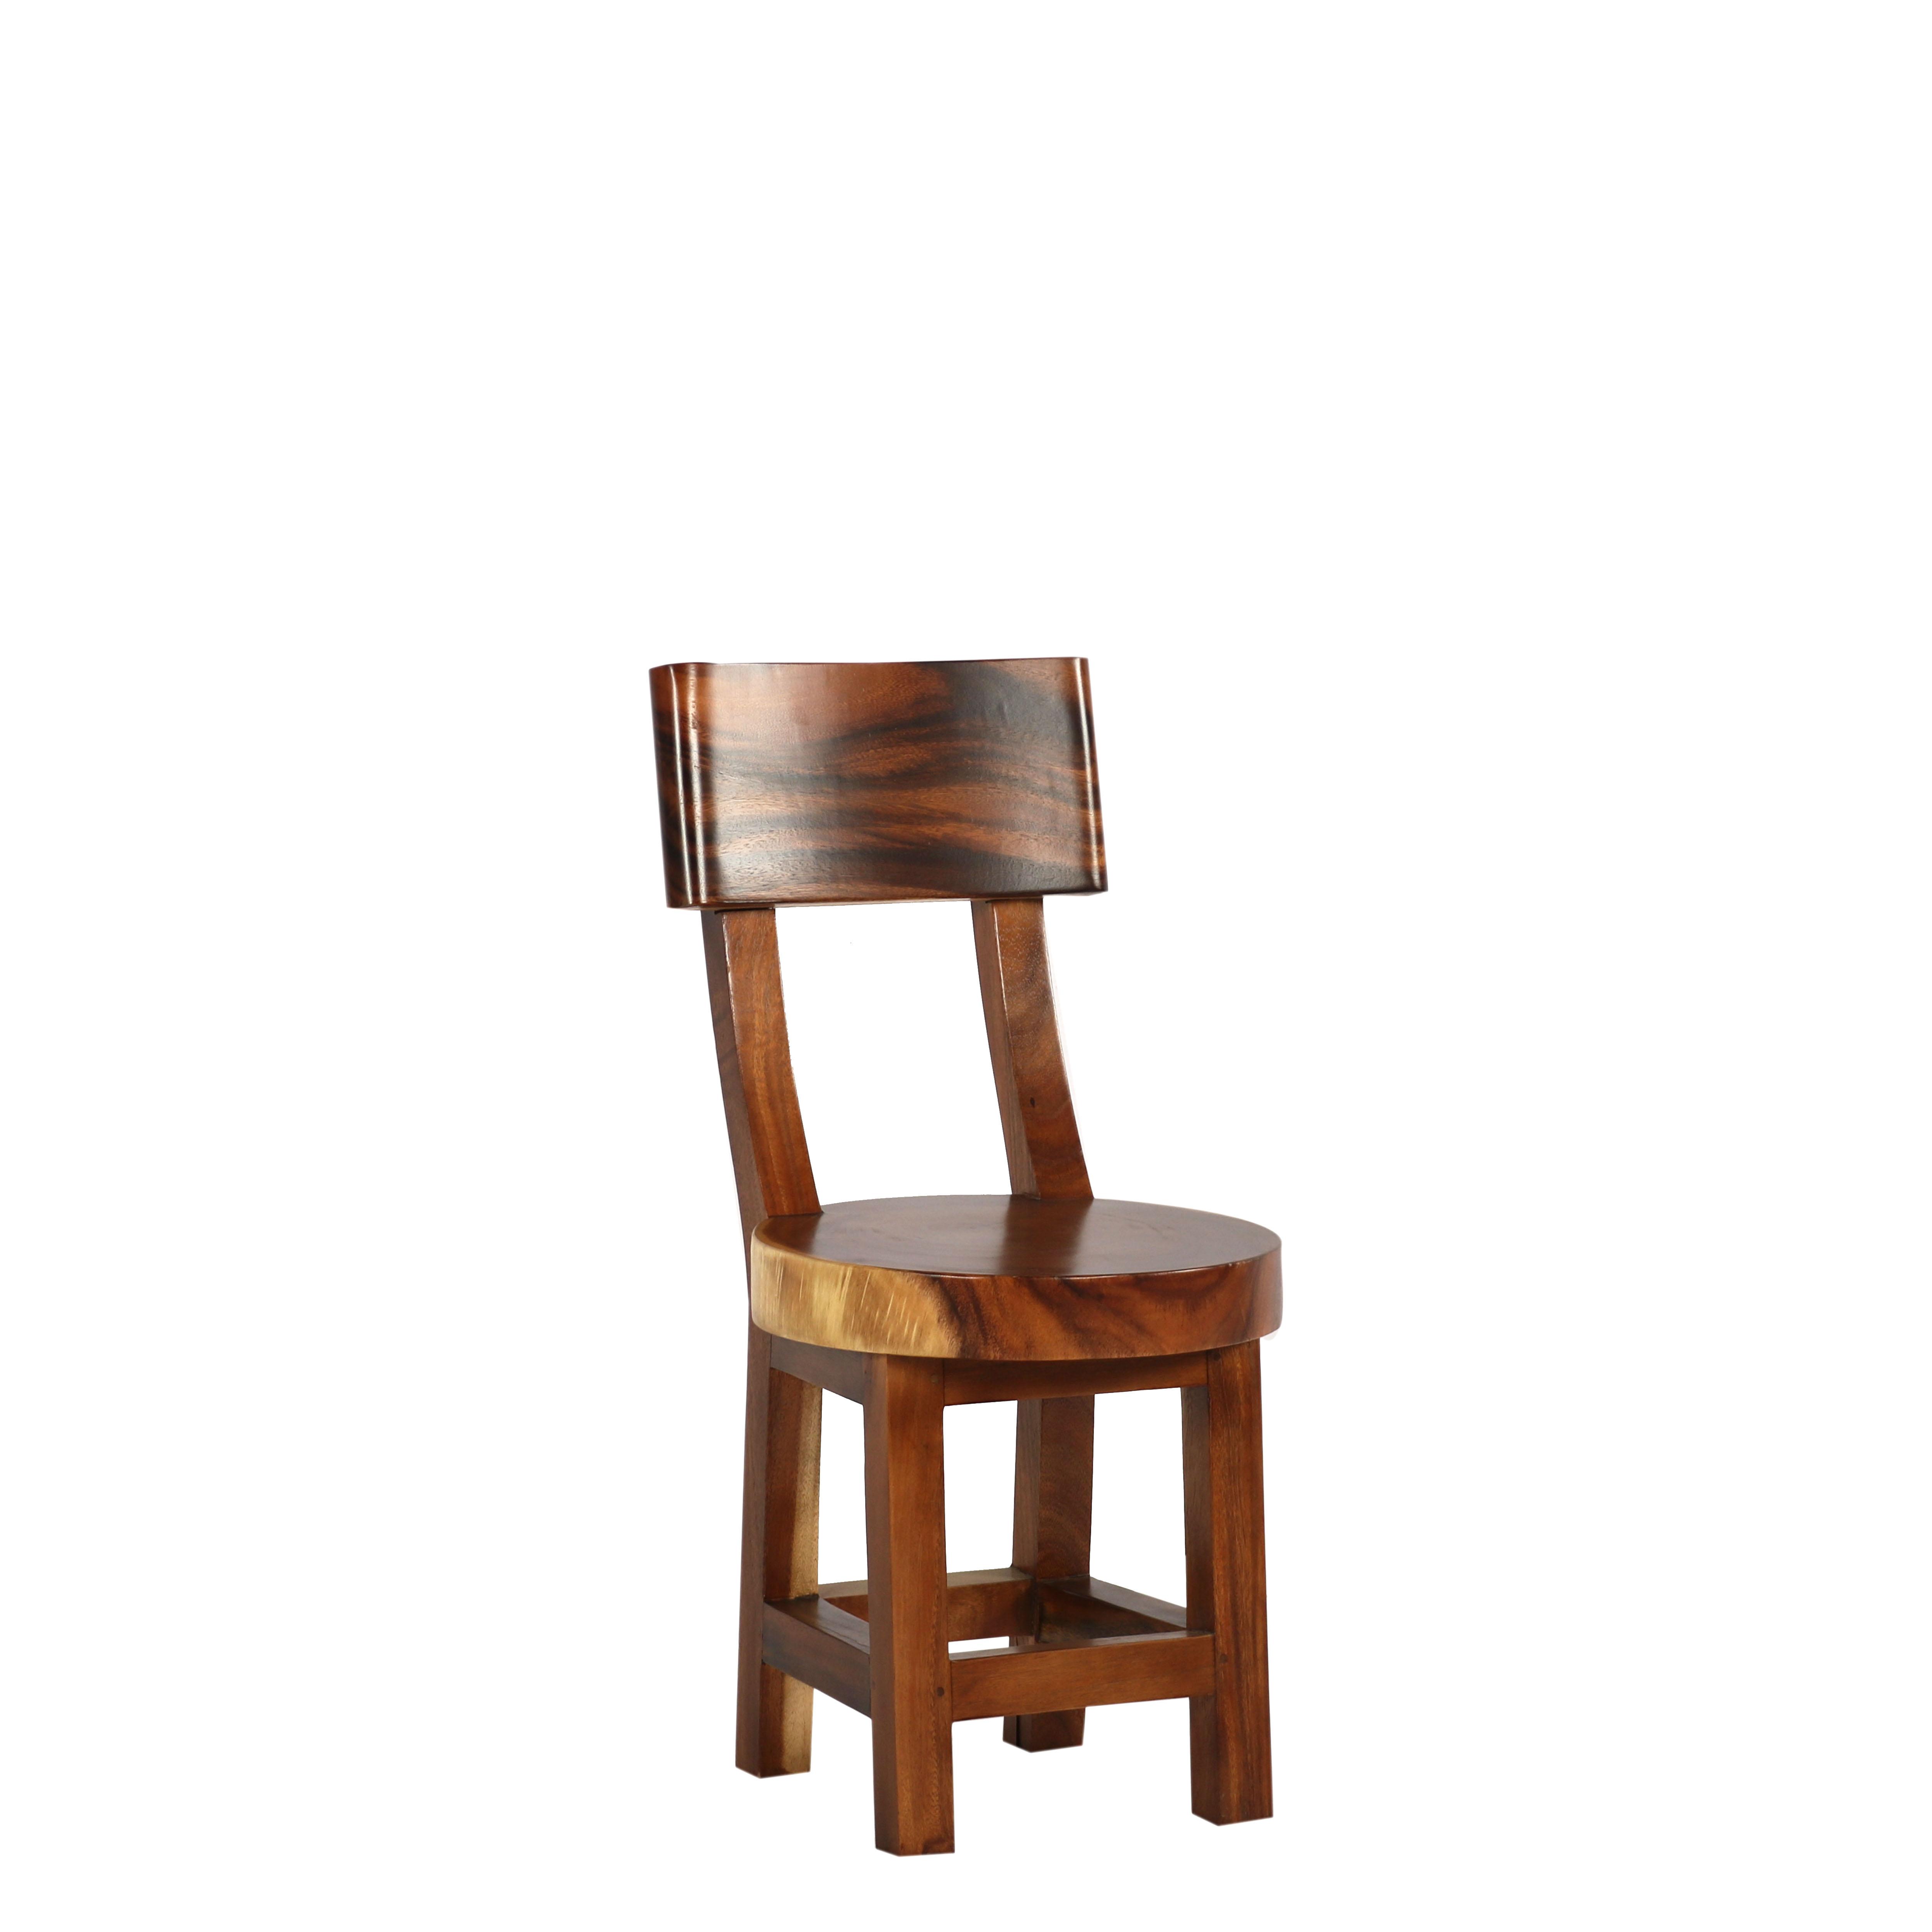 雨豆木工學餐椅 實木餐椅 雨豆木餐椅 柚木餐椅 實木家具 實木餐椅 實木餐桌 椅子 A.H.Furniture 19C164寬度43*50*91